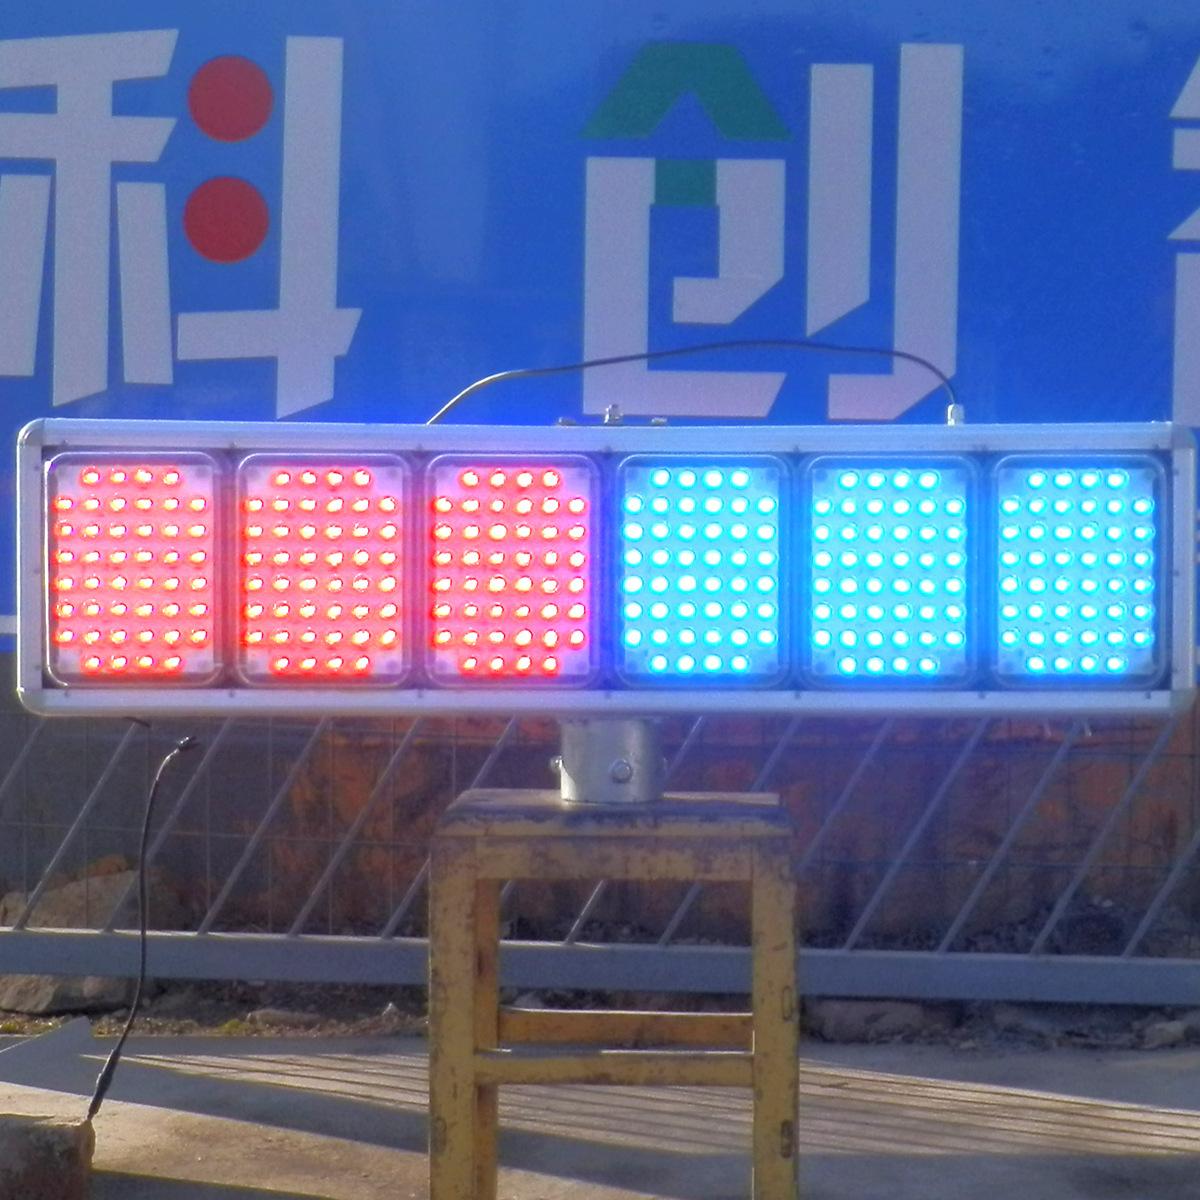 高速公路用太阳能爆闪灯/特大太阳能爆闪灯/超级大型爆闪灯